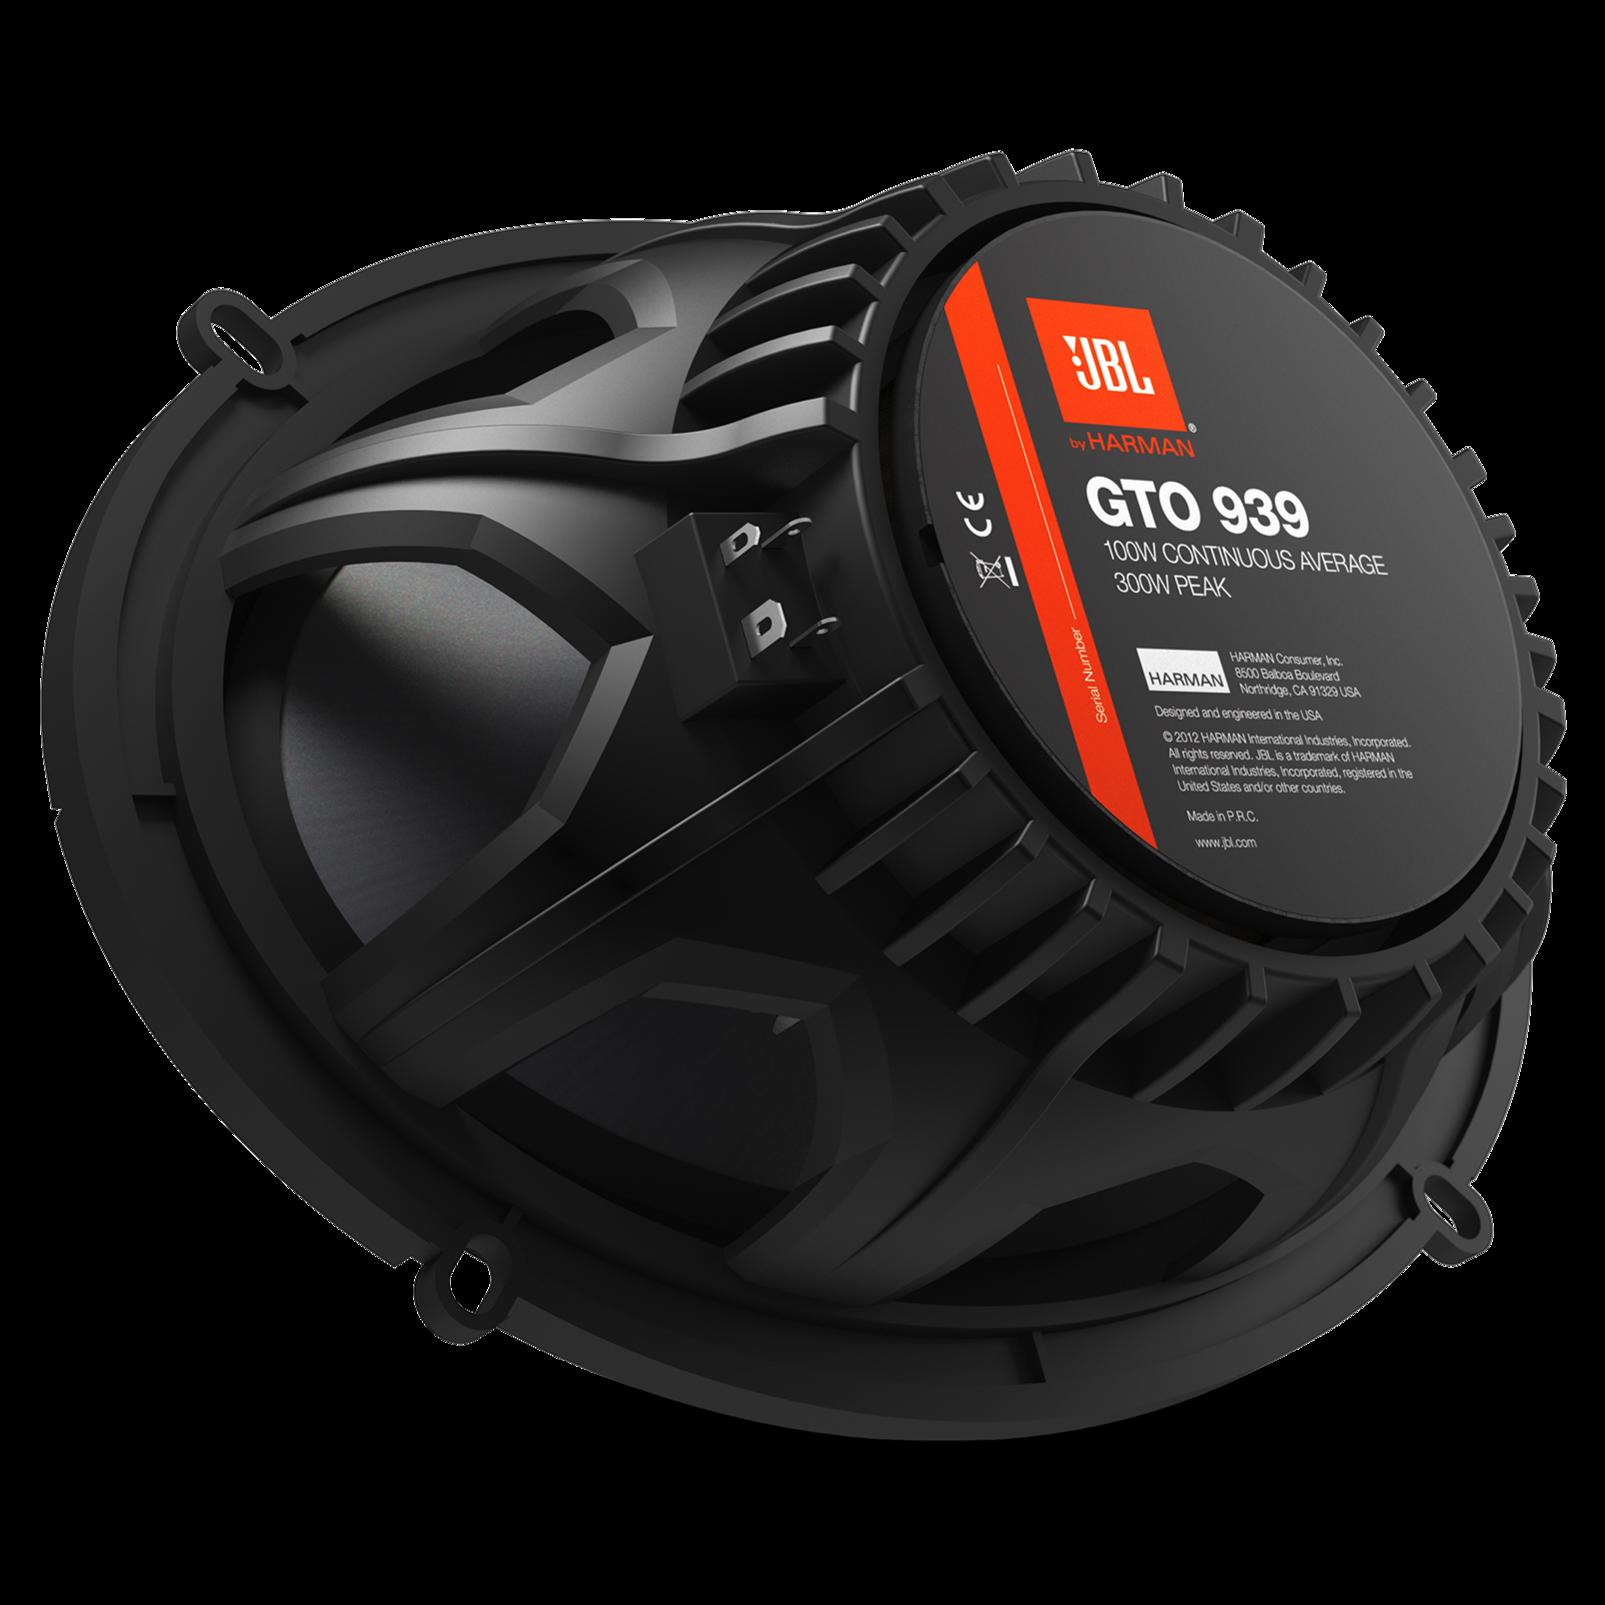 GTO939 Jbl Car Speakers Wiring Diagrams on